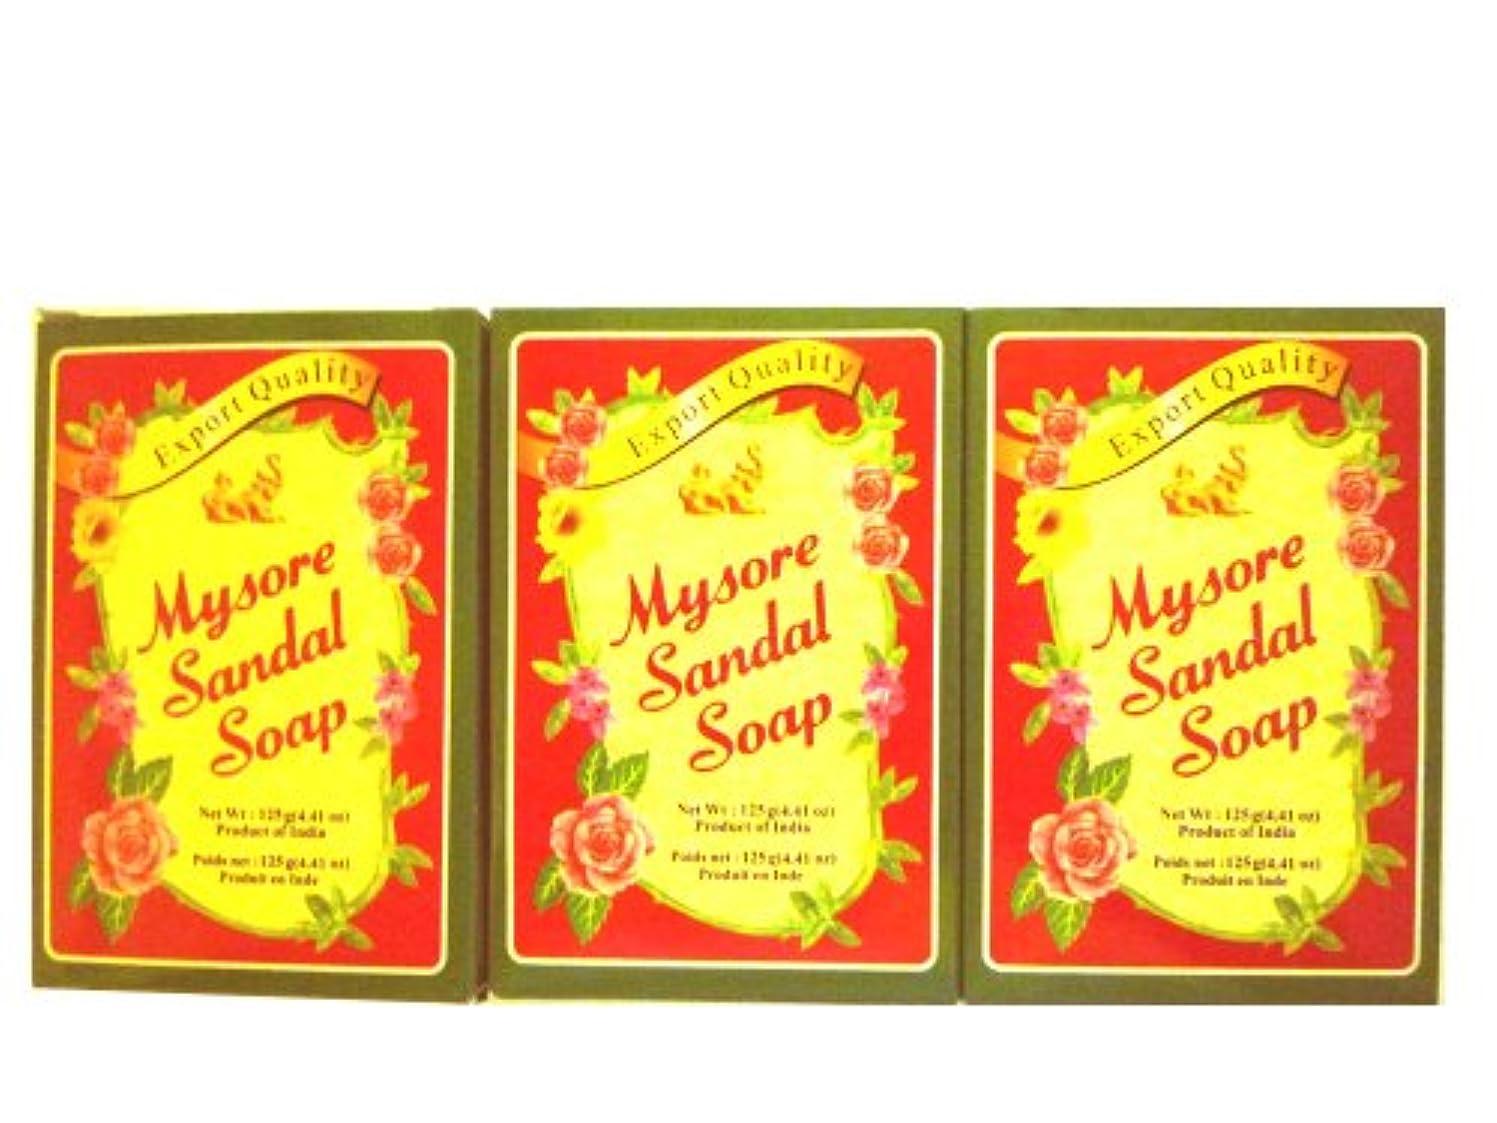 独占付属品永遠の高純度白檀油配合 マイソール サンダルソープ 75g 3個セット